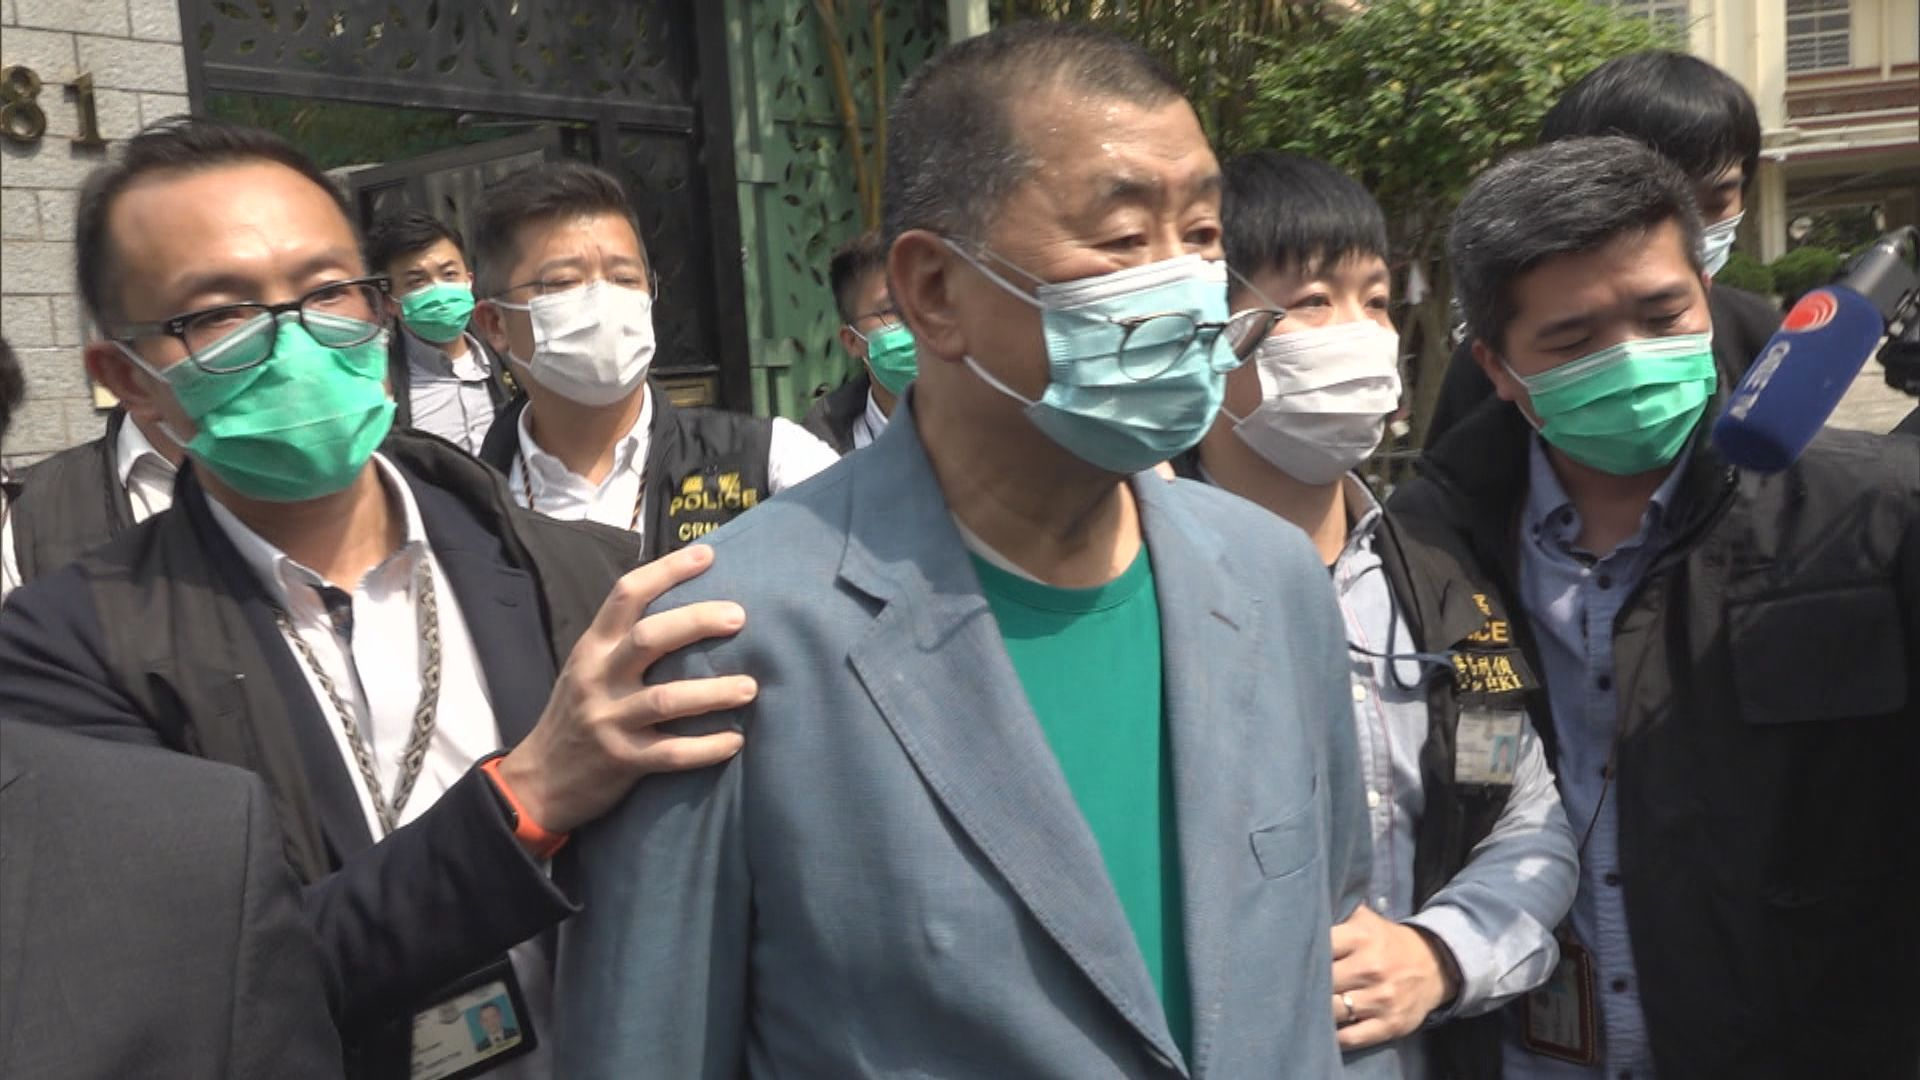 被捕14人下月18日提訊 警方不排除拘捕更多人